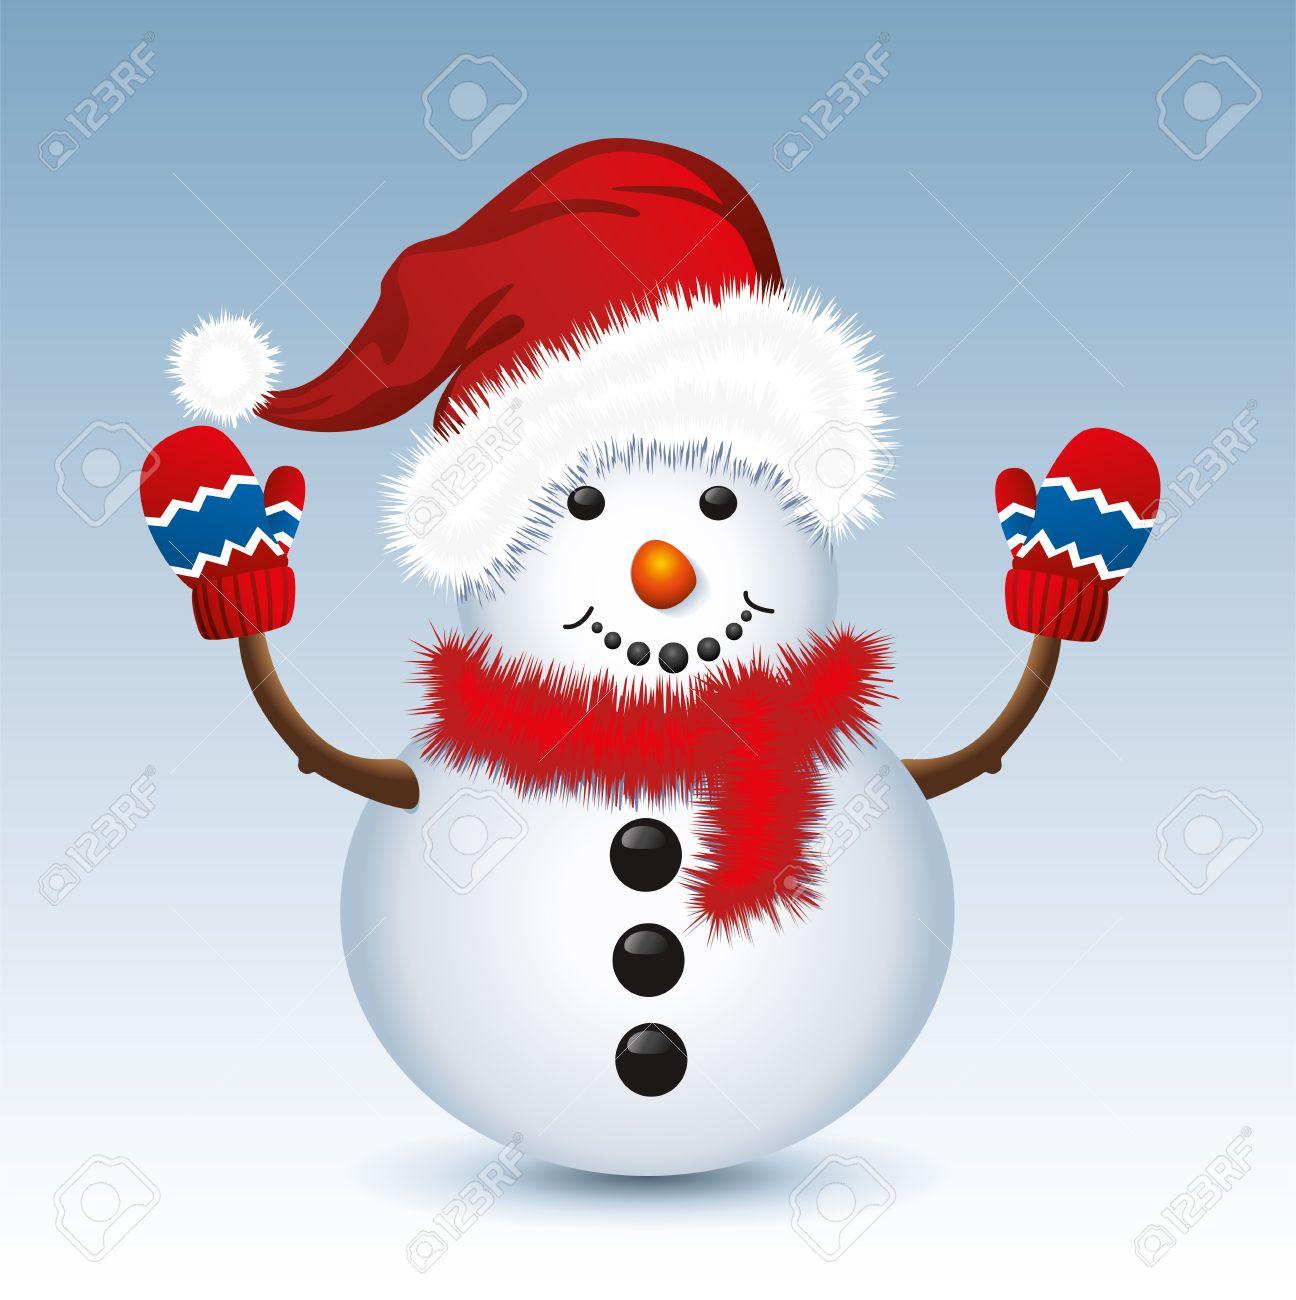 Vektor-Illustration Der Weihnachtsschneemann Mit Weihnachtsmütze Und ...